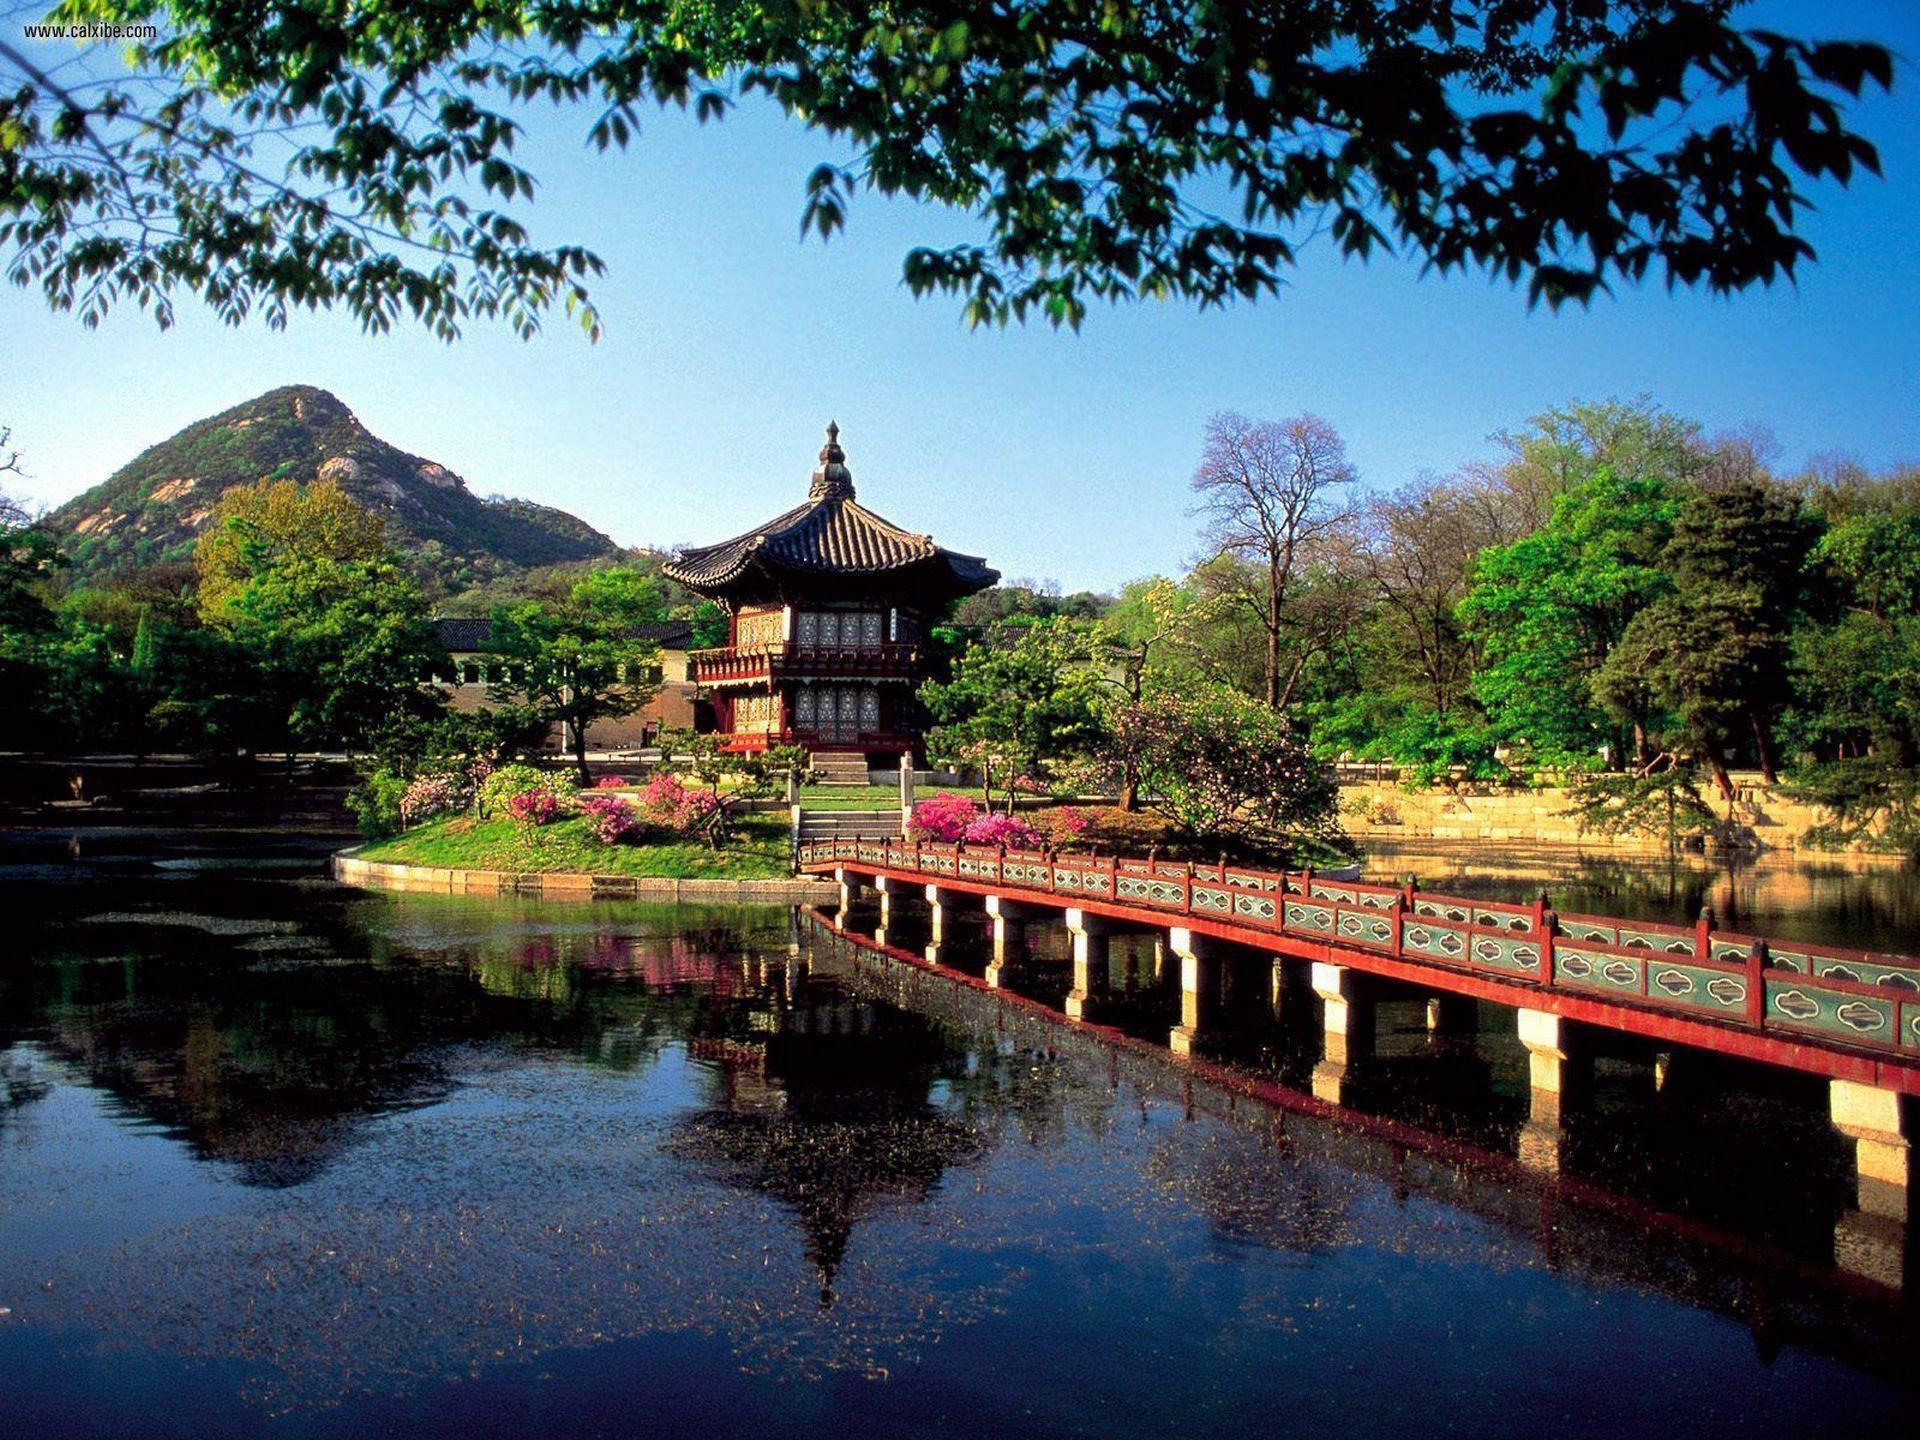 wyprawy-Korea-Pałac-królewski-Gyeongbokgung-2